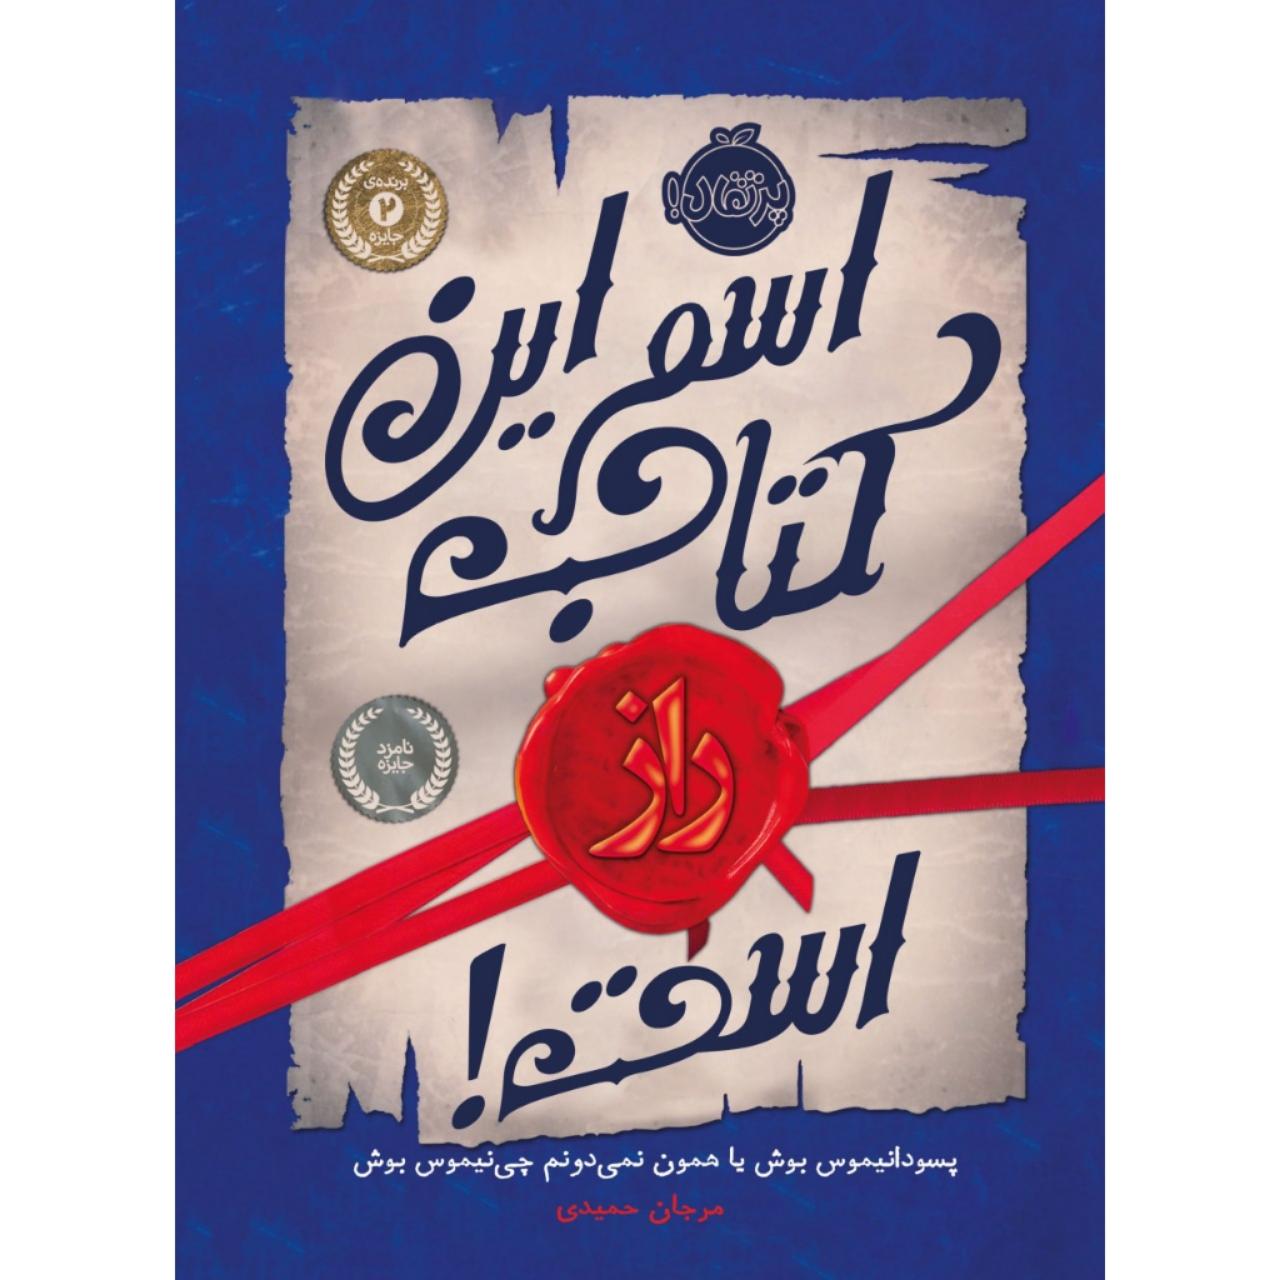 خرید                      کتاب اسم این کتاب راز است اثر پسودانیموس بوش انتشارات پرتقال